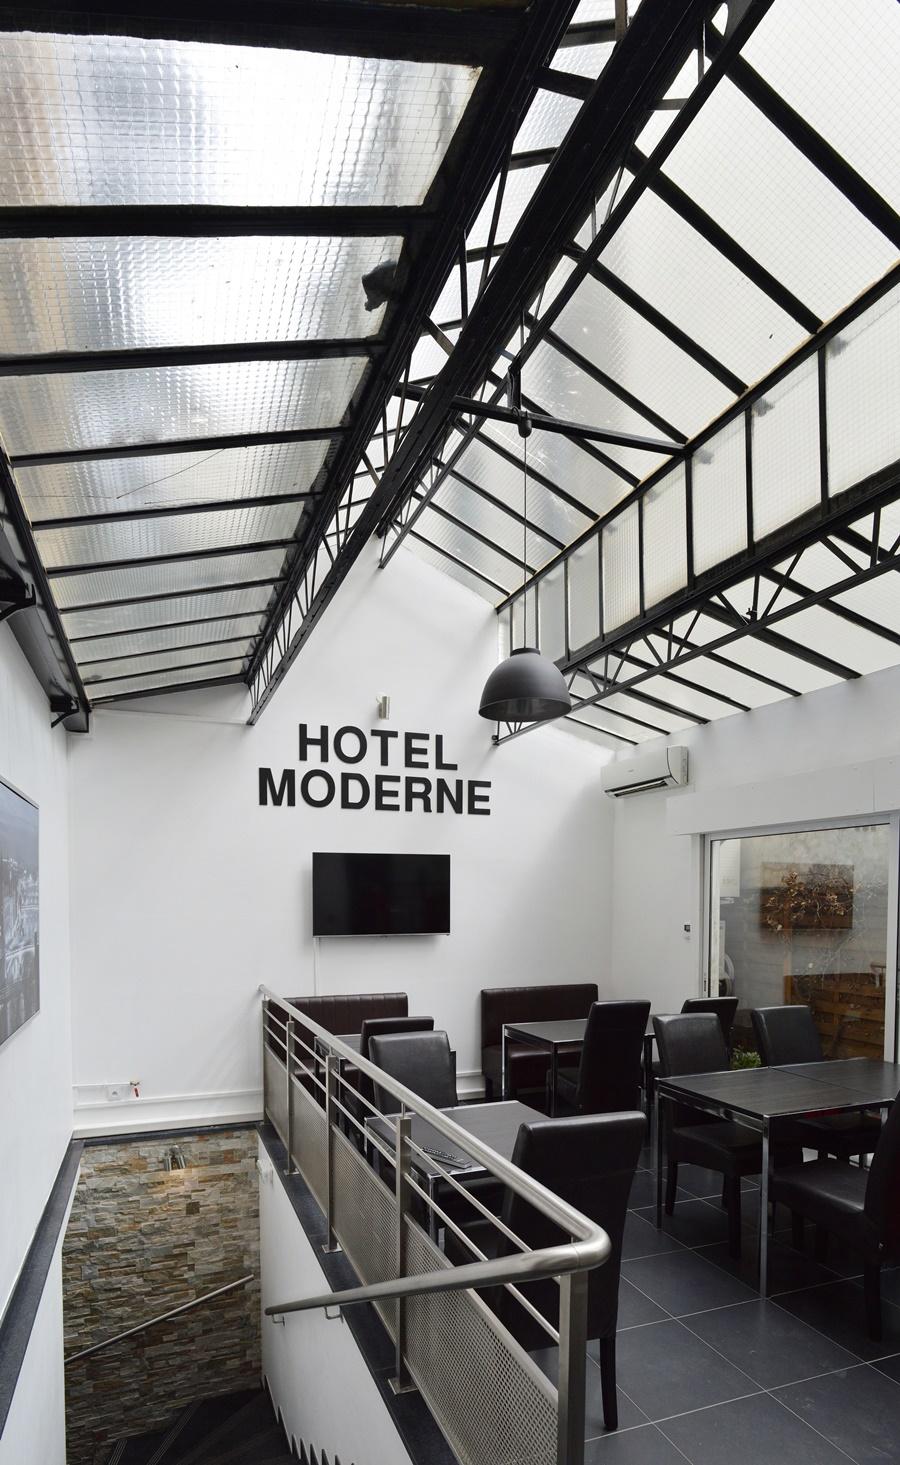 Hotel-moderne